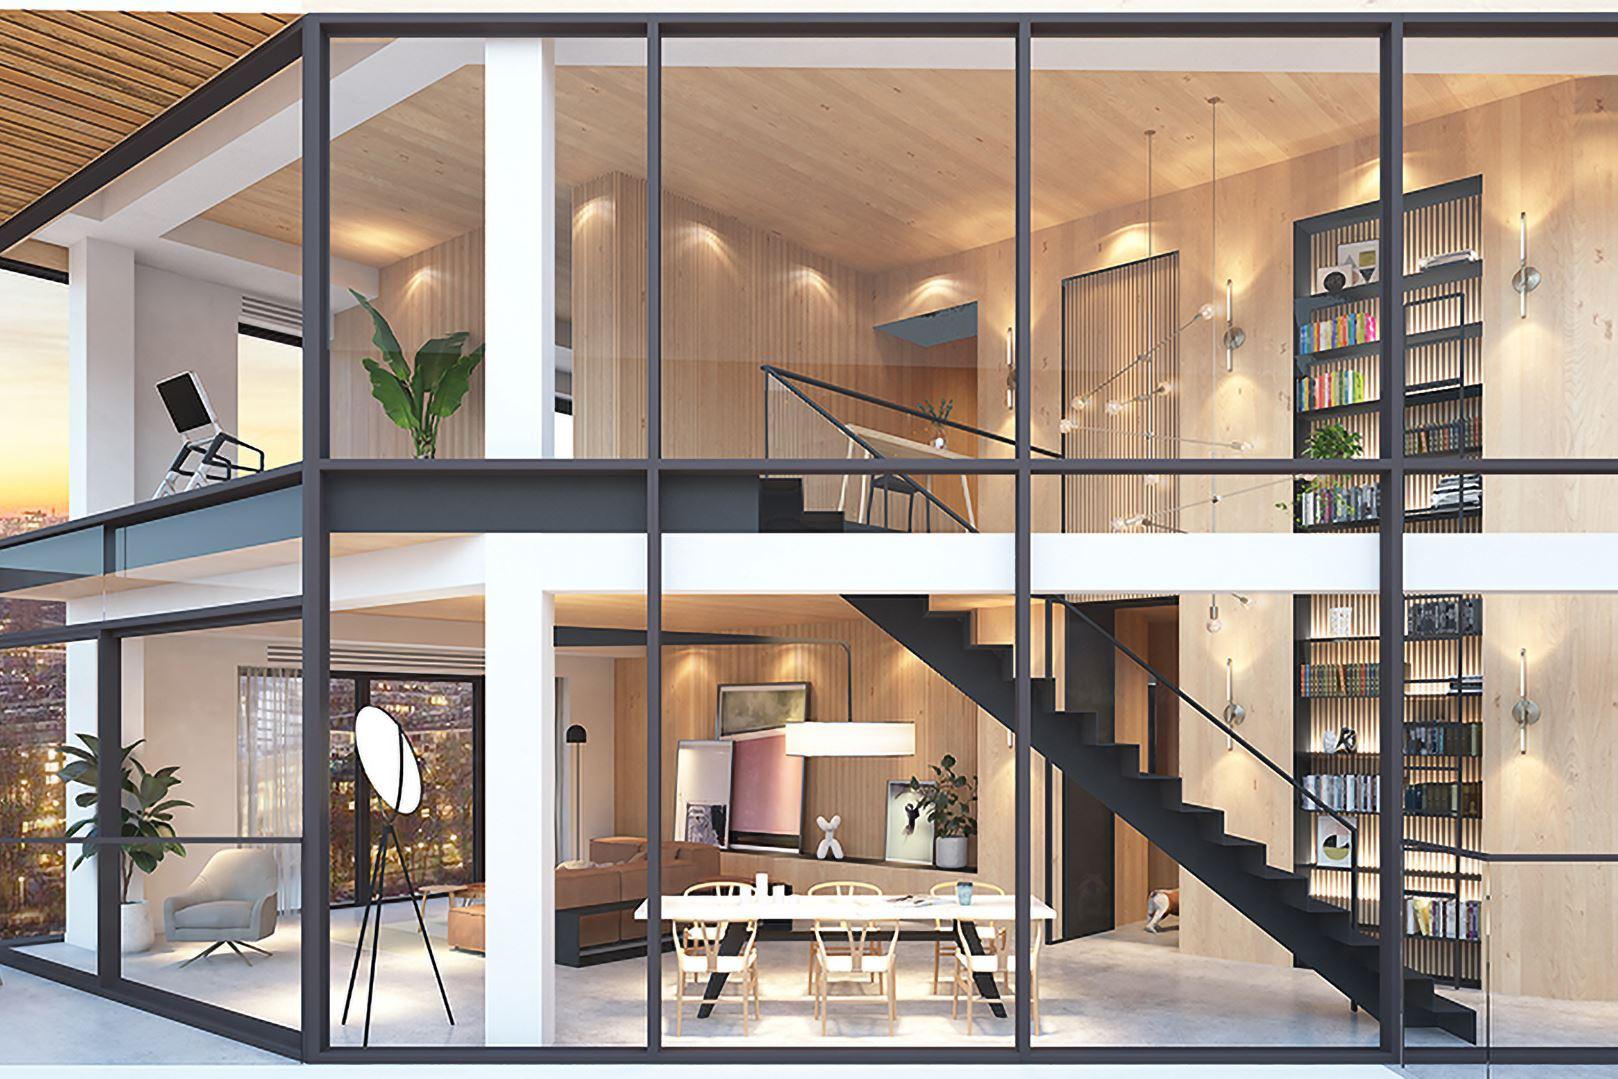 Verkocht haut villa korte ouderkerkerdijk bouwnr 14 1 for Funda amsterdam watergraafsmeer